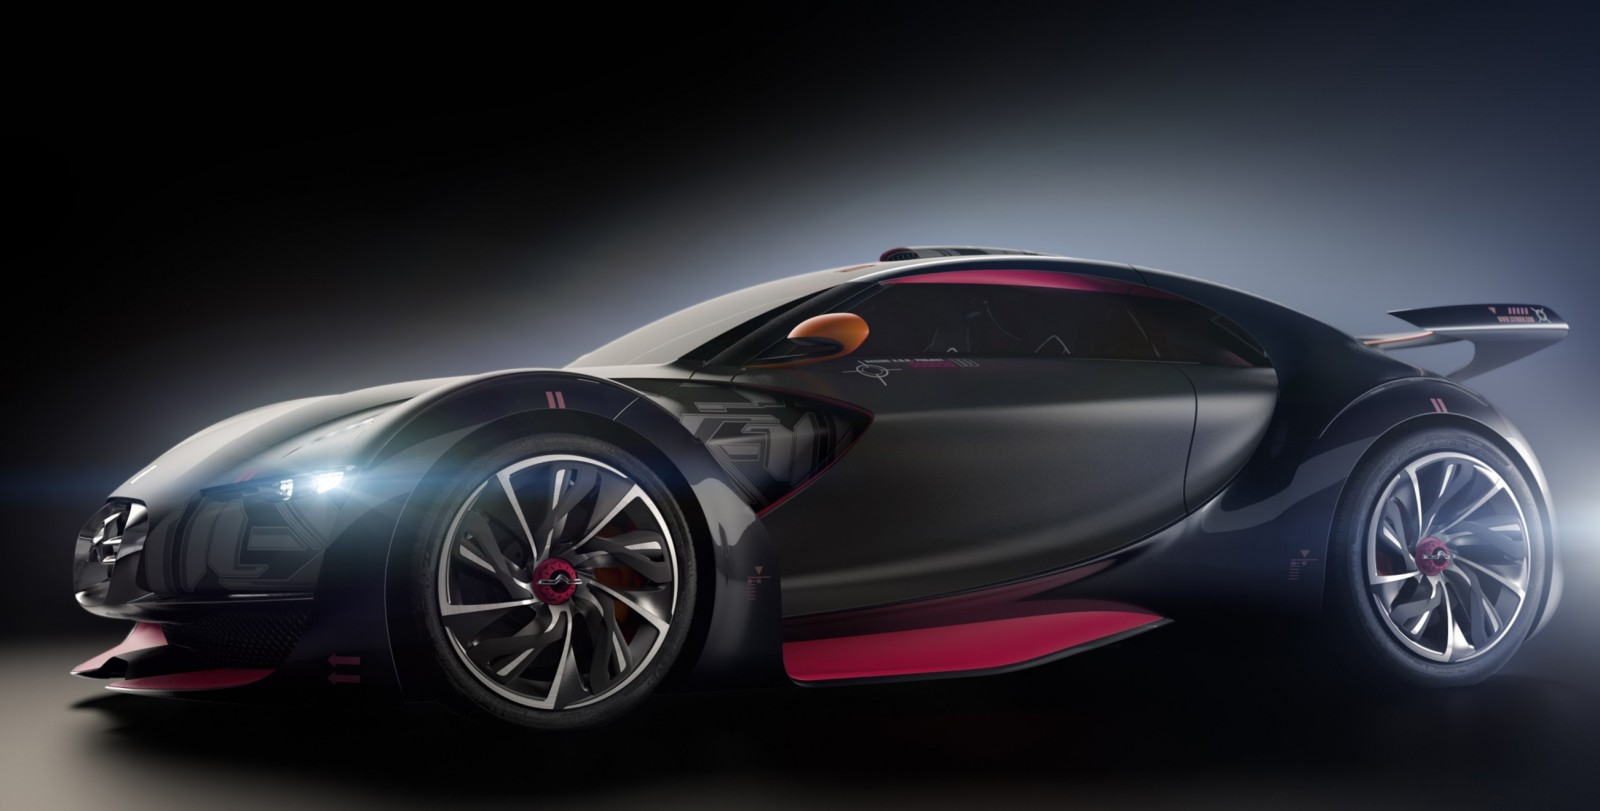 Concept Flashback - 2010 Citroen Survolt 16